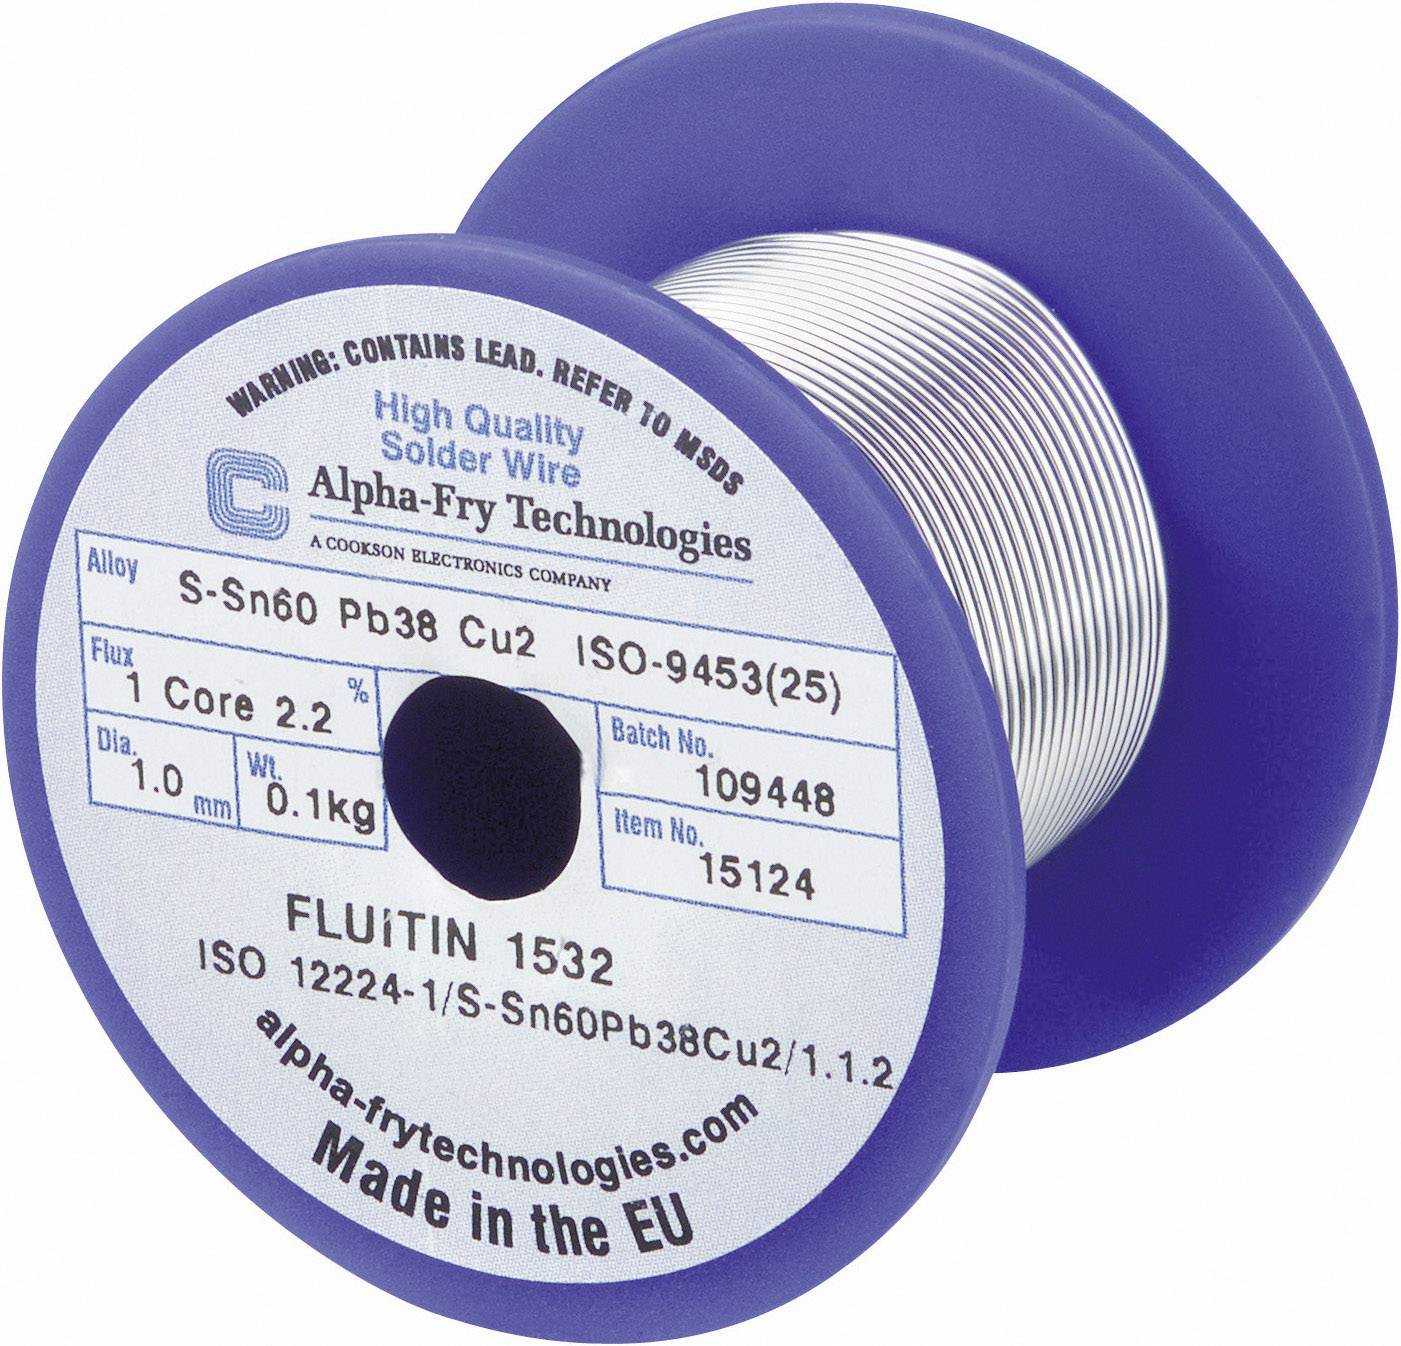 Cínová spájka Cookson Electro, L-Sn60Pb38Cu2, Ø 1 mm, 100 g